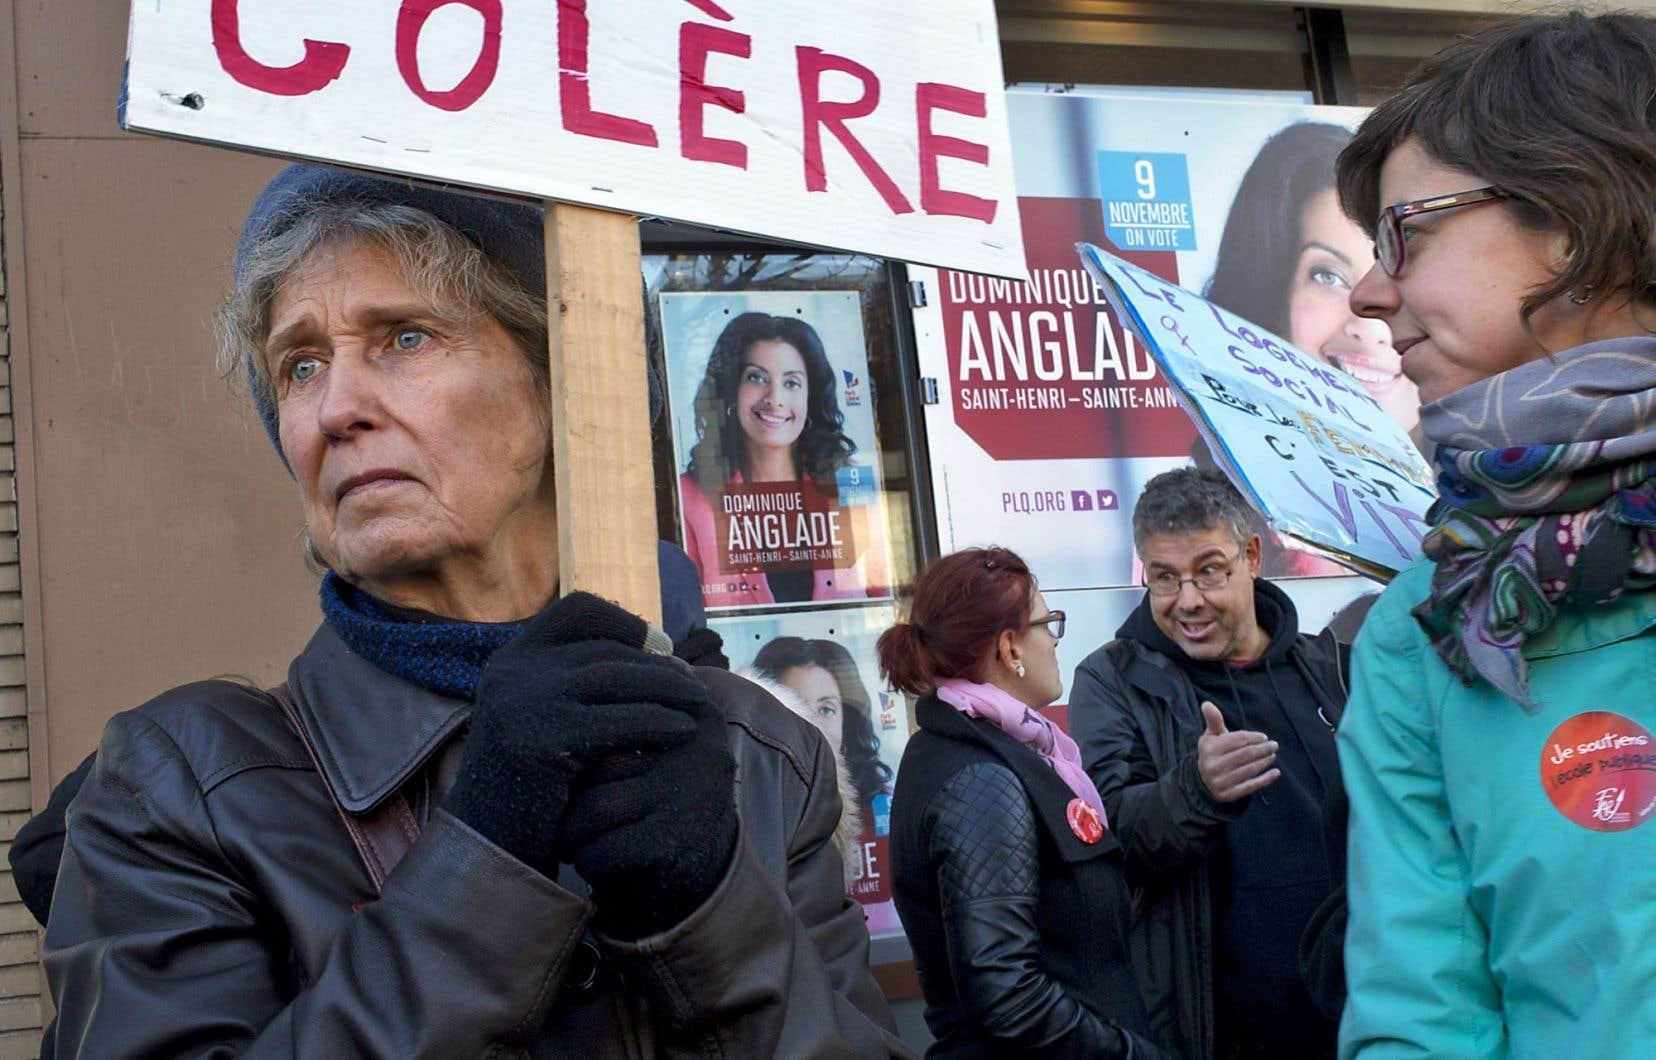 Des manifestants ont fait entendre leur mécontentement devant le local électoral de Dominique Anglade, candidate libérale à l'élection complémentaire dans la circonscription montréalaise de Saint-Henri–Sainte-Anne.